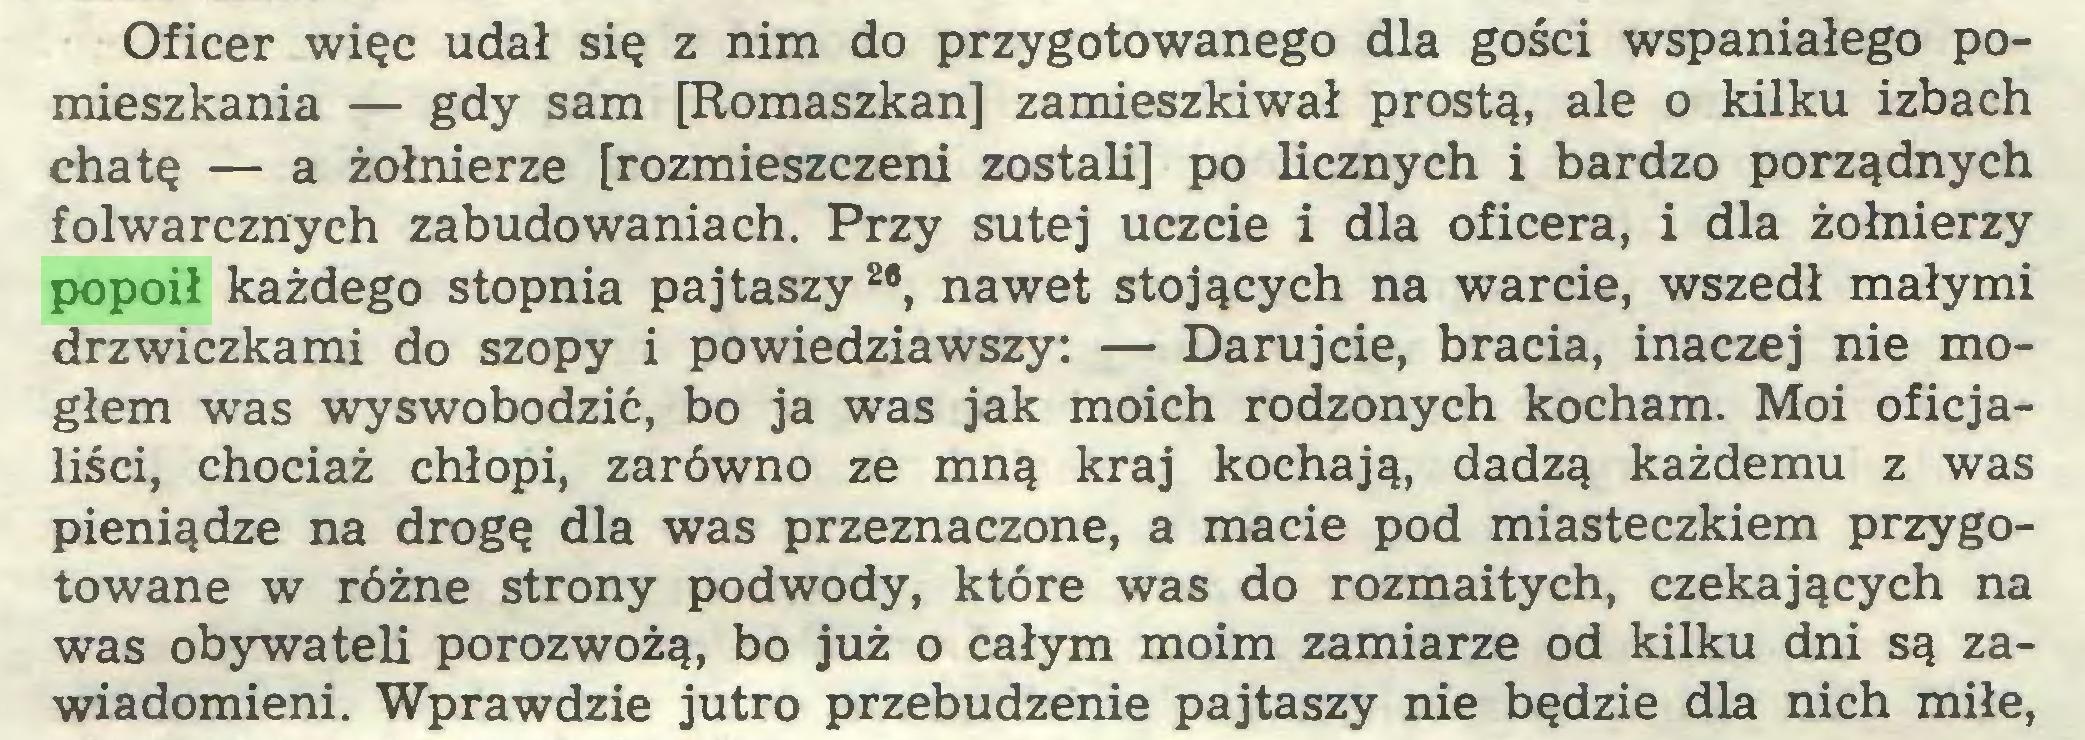 (...) Oficer więc udał się z nim do przygotowanego dla gości wspaniałego pomieszkania — gdy sam [Romaszkan] zamieszkiwał prostą, ale o kilku izbach chatę — a żołnierze [rozmieszczeni zostali] po licznych i bardzo porządnych folwarcznych zabudowaniach. Przy sutej uczcie i dla oficera, i dla żołnierzy popoił każdego stopnia pajtaszy28, nawet stojących na warcie, wszedł małymi drzwiczkami do szopy i powiedziawszy: — Darujcie, bracia, inaczej nie mogłem was wyswobodzić, bo ja was jak moich rodzonych kocham. Moi oficjaliści, chociaż chłopi, zarówno ze mną kraj kochają, dadzą każdemu z was pieniądze na drogę dla was przeznaczone, a macie pod miasteczkiem przygotowane w różne strony podwody, które was do rozmaitych, czekających na was obywateli porozwożą, bo już o całym moim zamiarze od kilku dni są zawiadomieni. Wprawdzie jutro przebudzenie pajtaszy nie będzie dla nich miłe,...